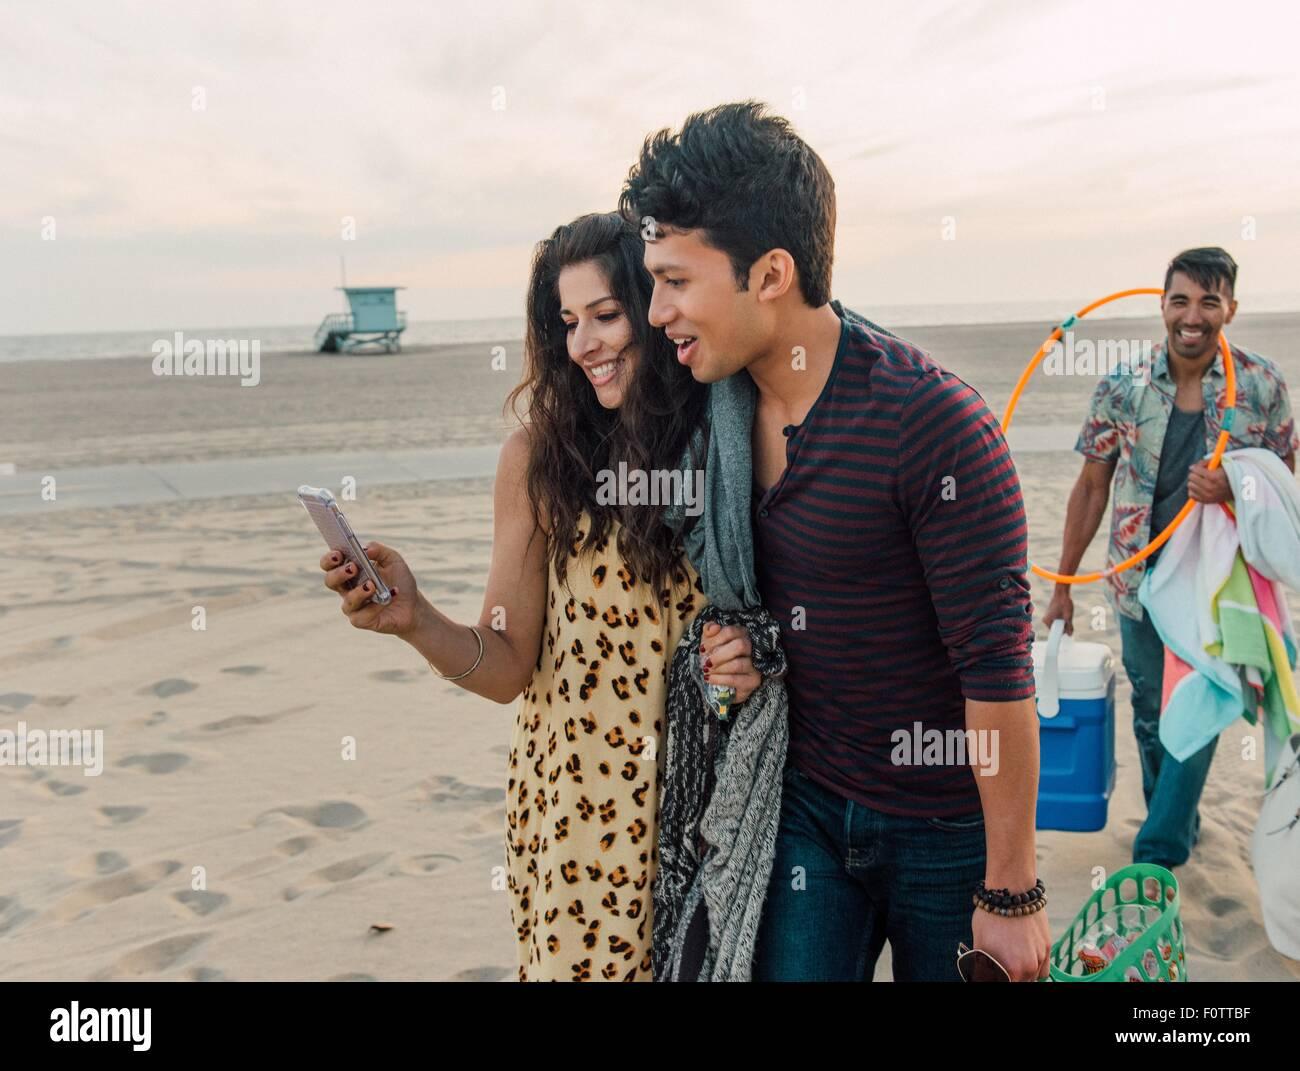 Gruppo di amici a piedi lungo la spiaggia, coppia giovane guardando smartphone Foto Stock